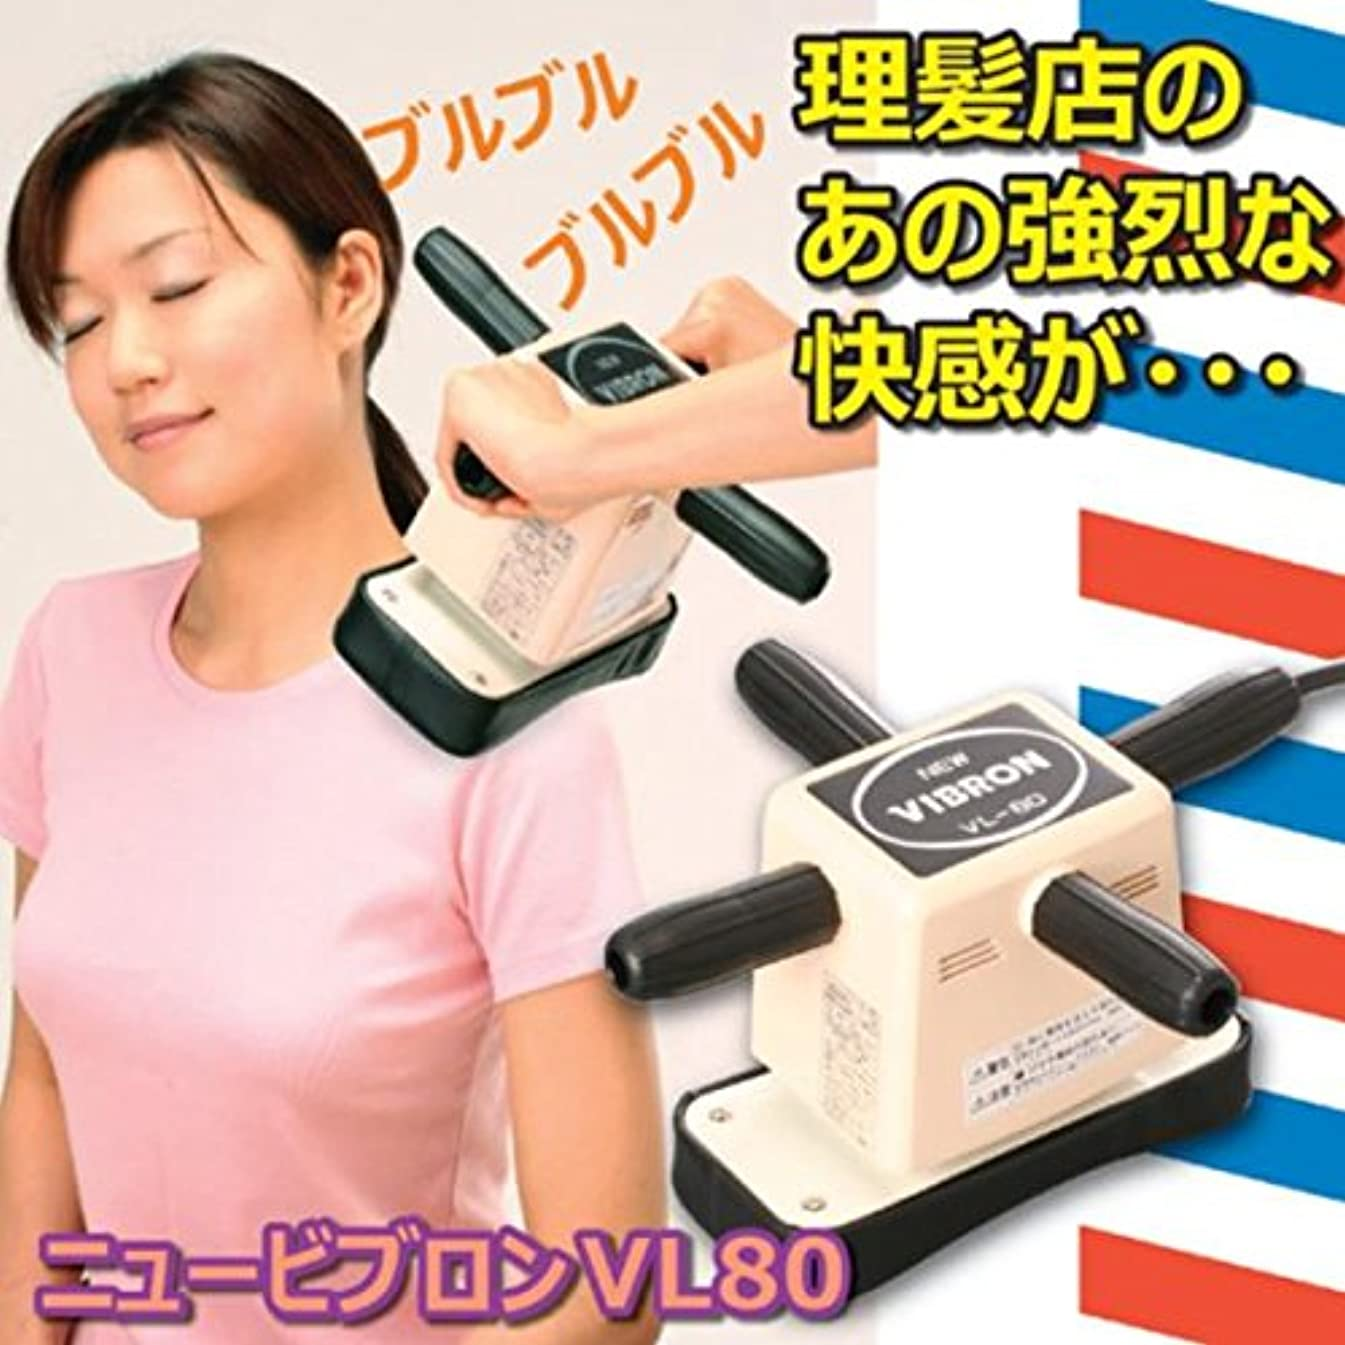 チャペル慣れているカップル後藤:家庭用電気マッサージ器ニュービブロン 870070